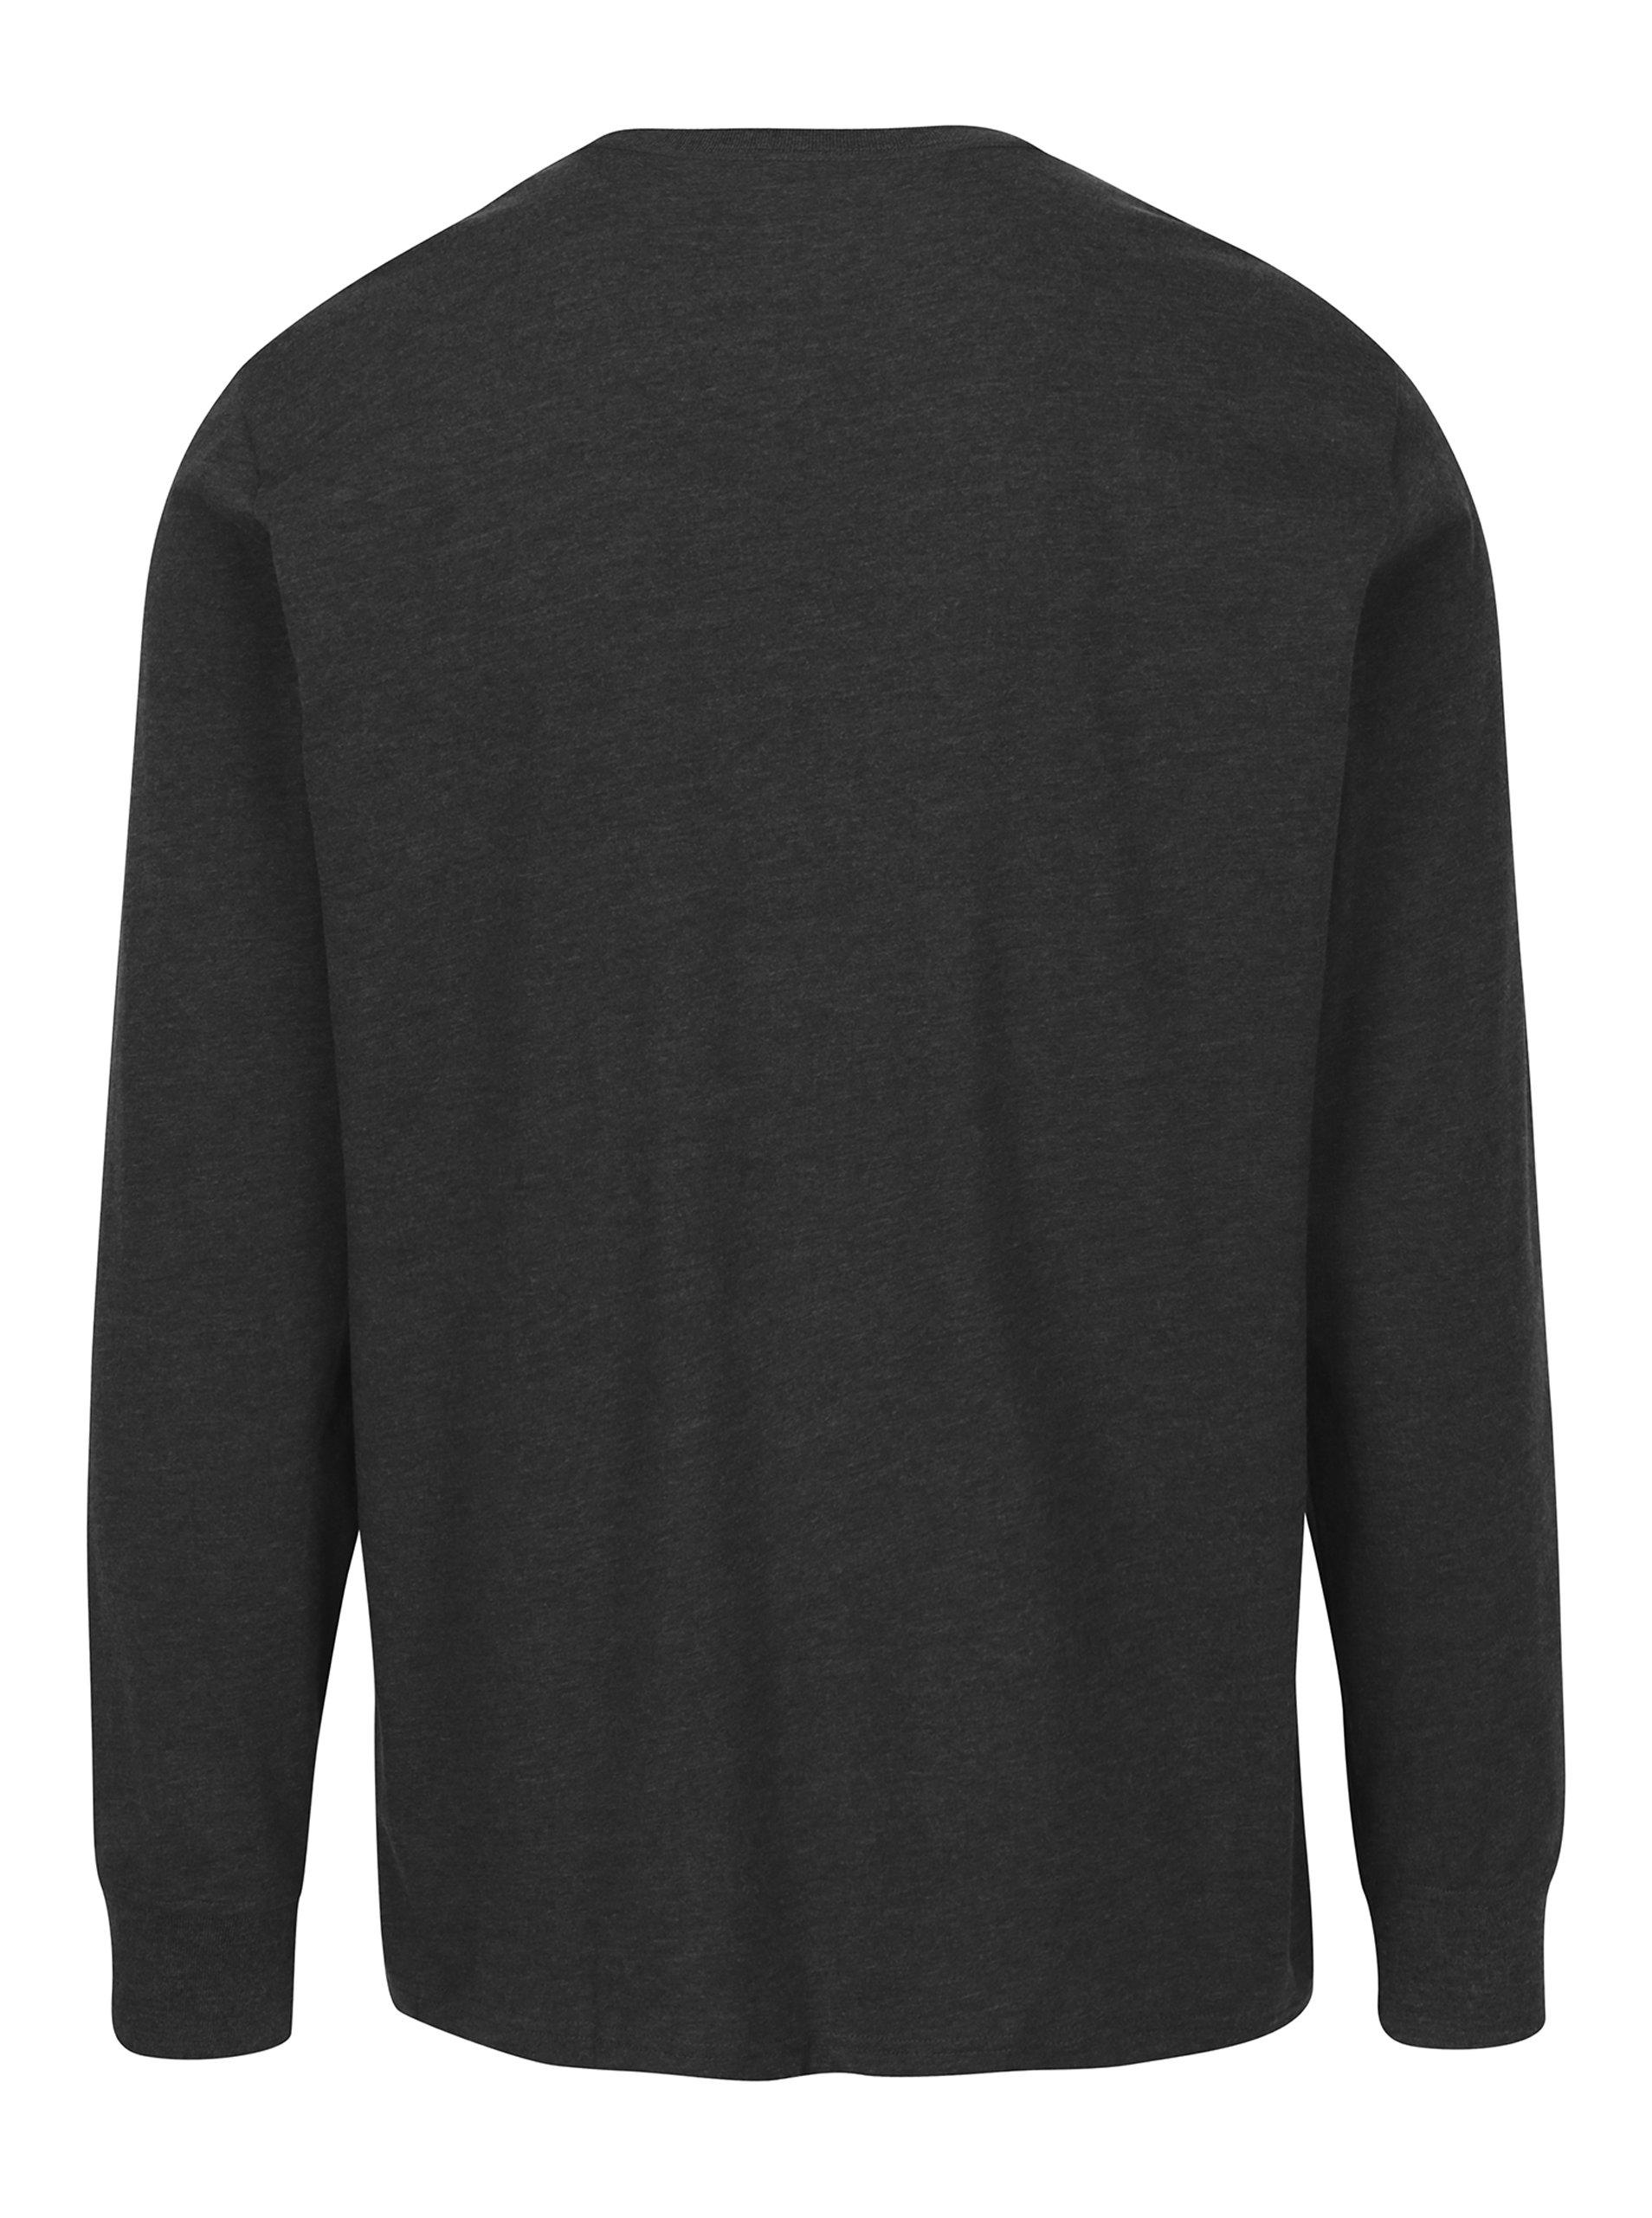 63032428e4 Tmavosivé pánske melírované tričko s dlhým rukávom Converse Tee Cuff ...